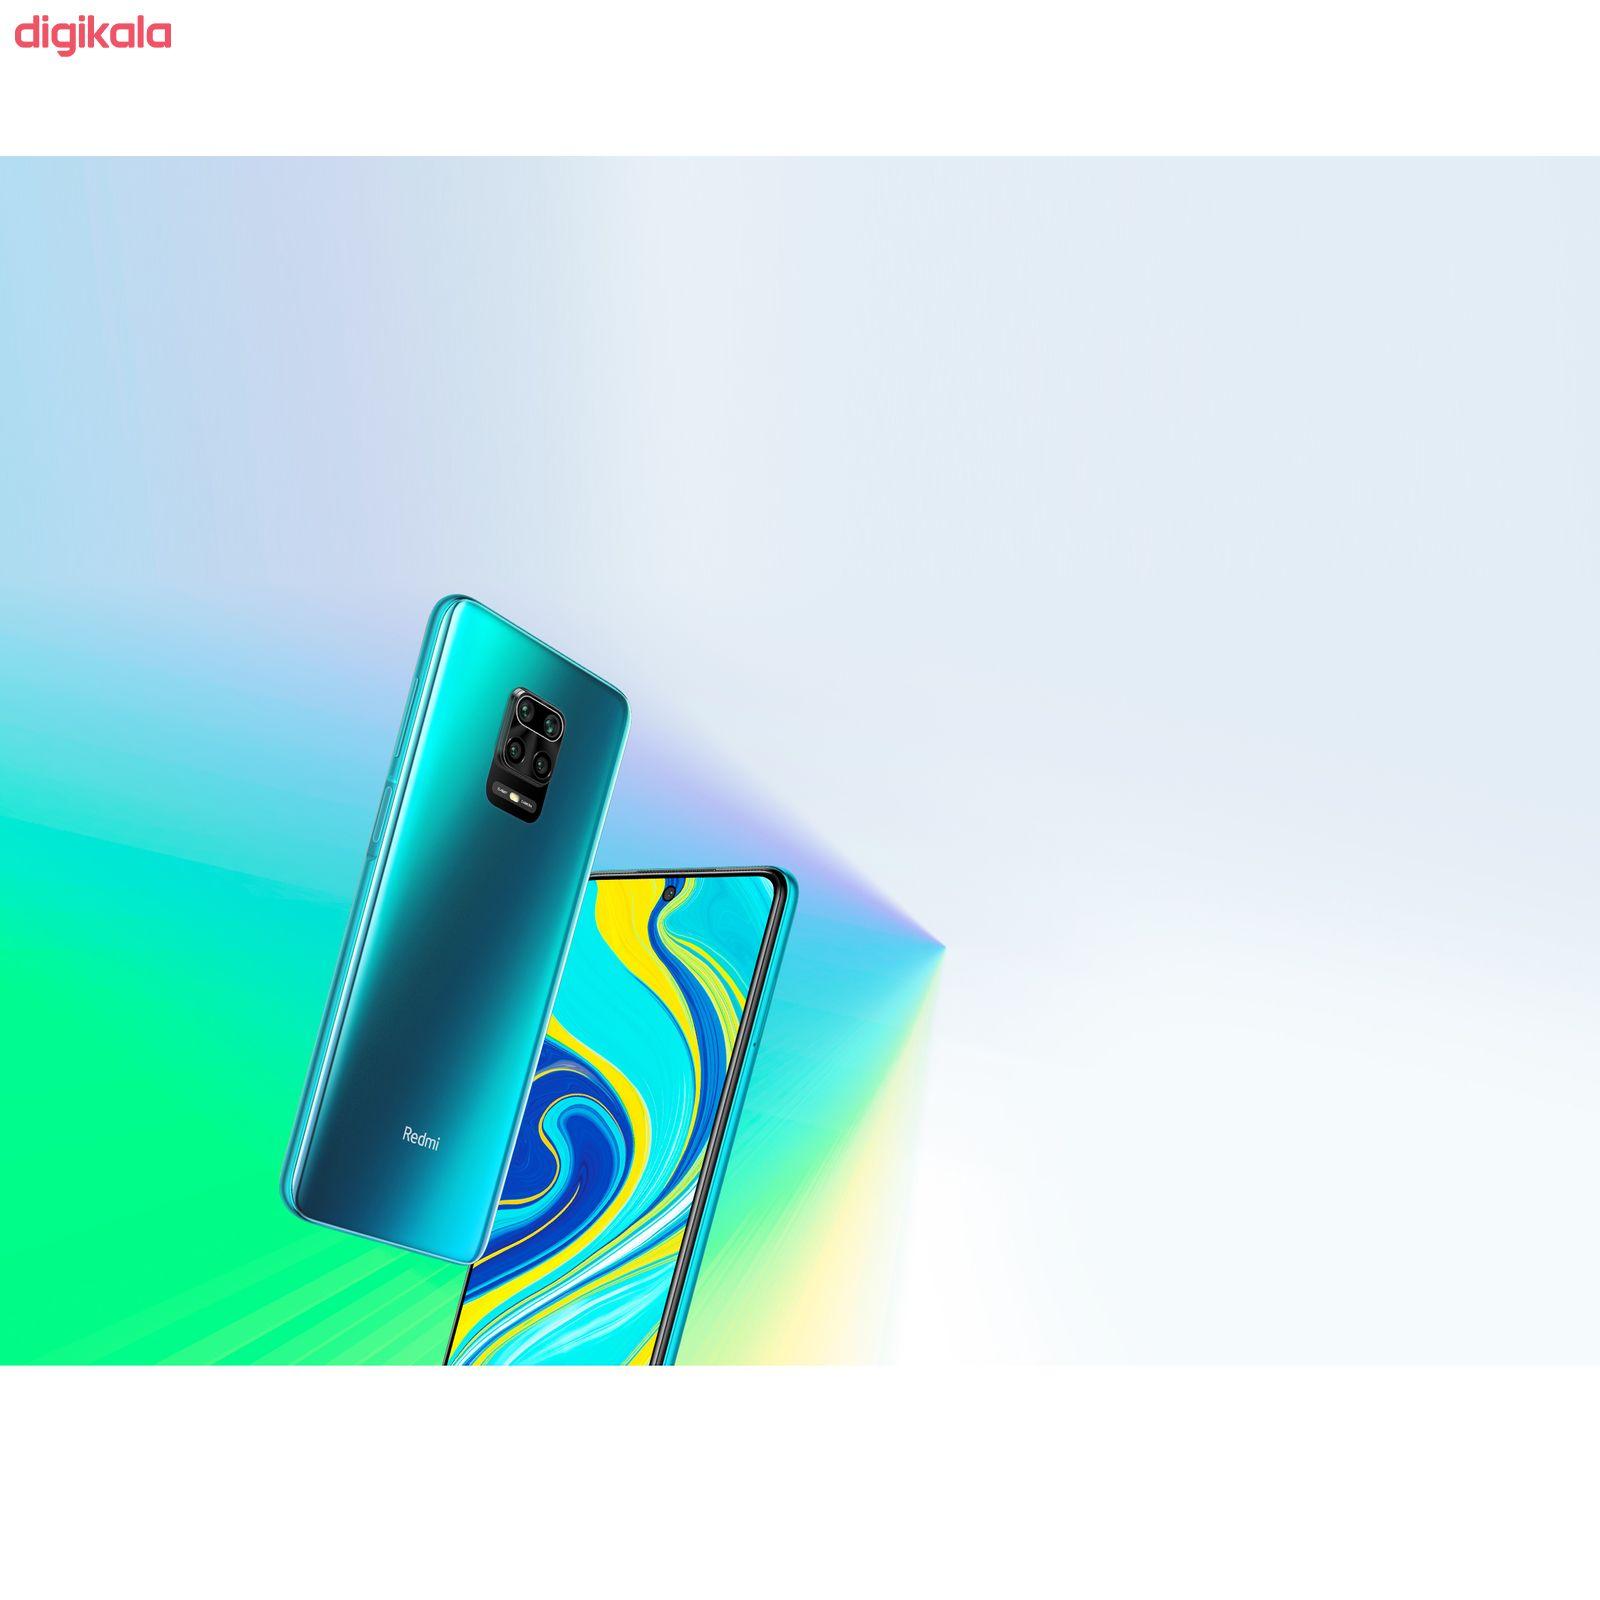 گوشی موبایل شیائومی مدل Redmi Note 9S M2003J6A1G دو سیم کارت ظرفیت 64 گیگابایت  main 1 9